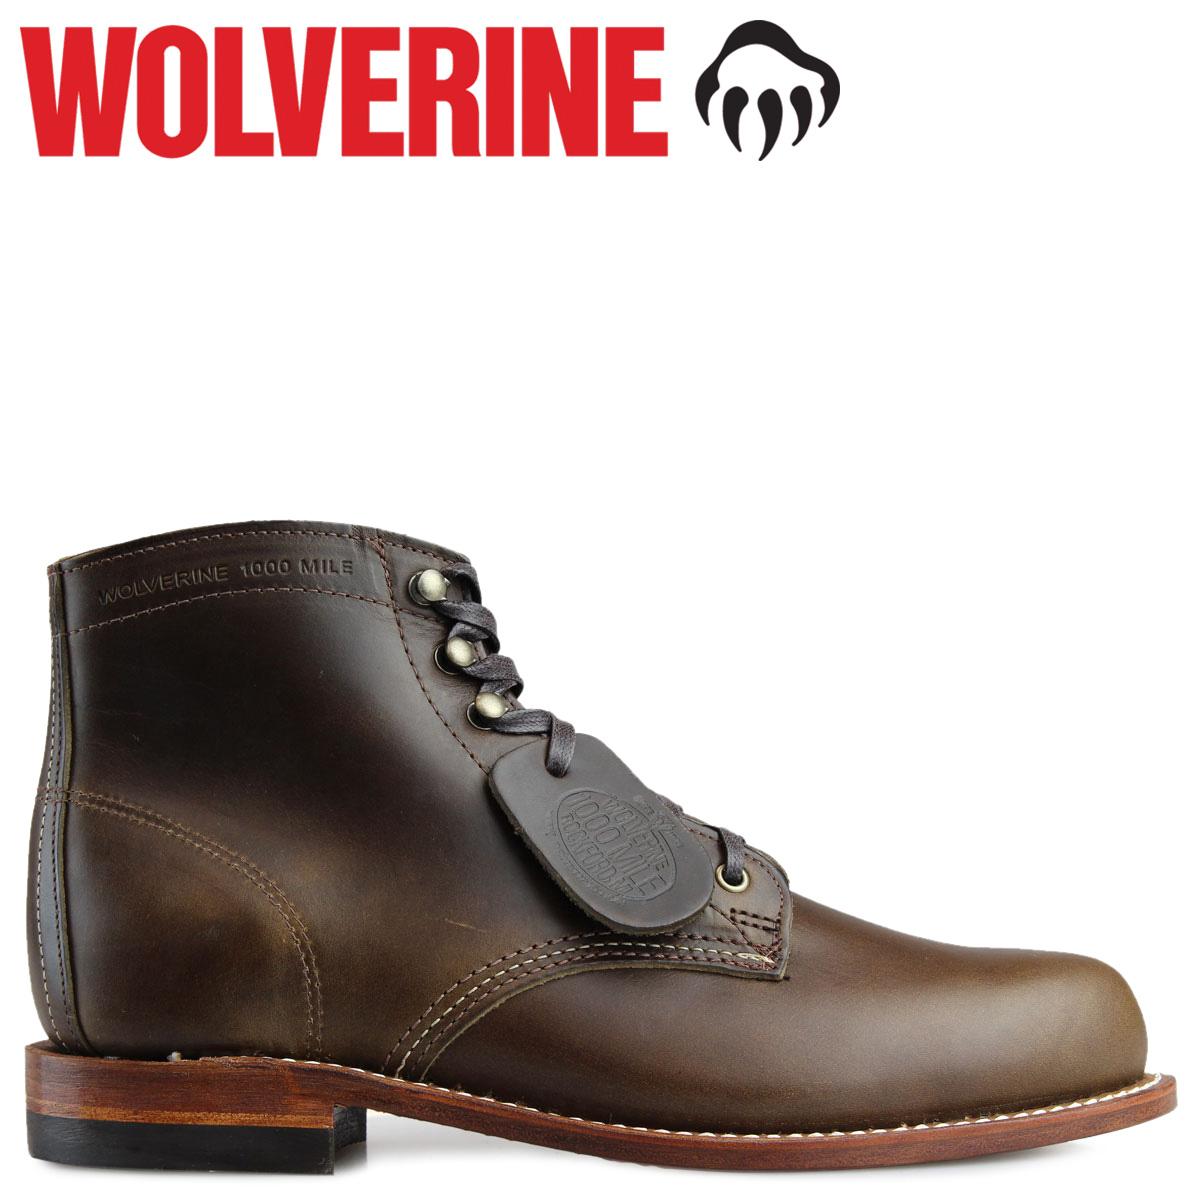 4063a6ceee7 WOLVERINE 1000 マイルブーツウルヴァリン ORIGINAL 1000 MILE BOOT men D Wise W40387 work  boots dark olive